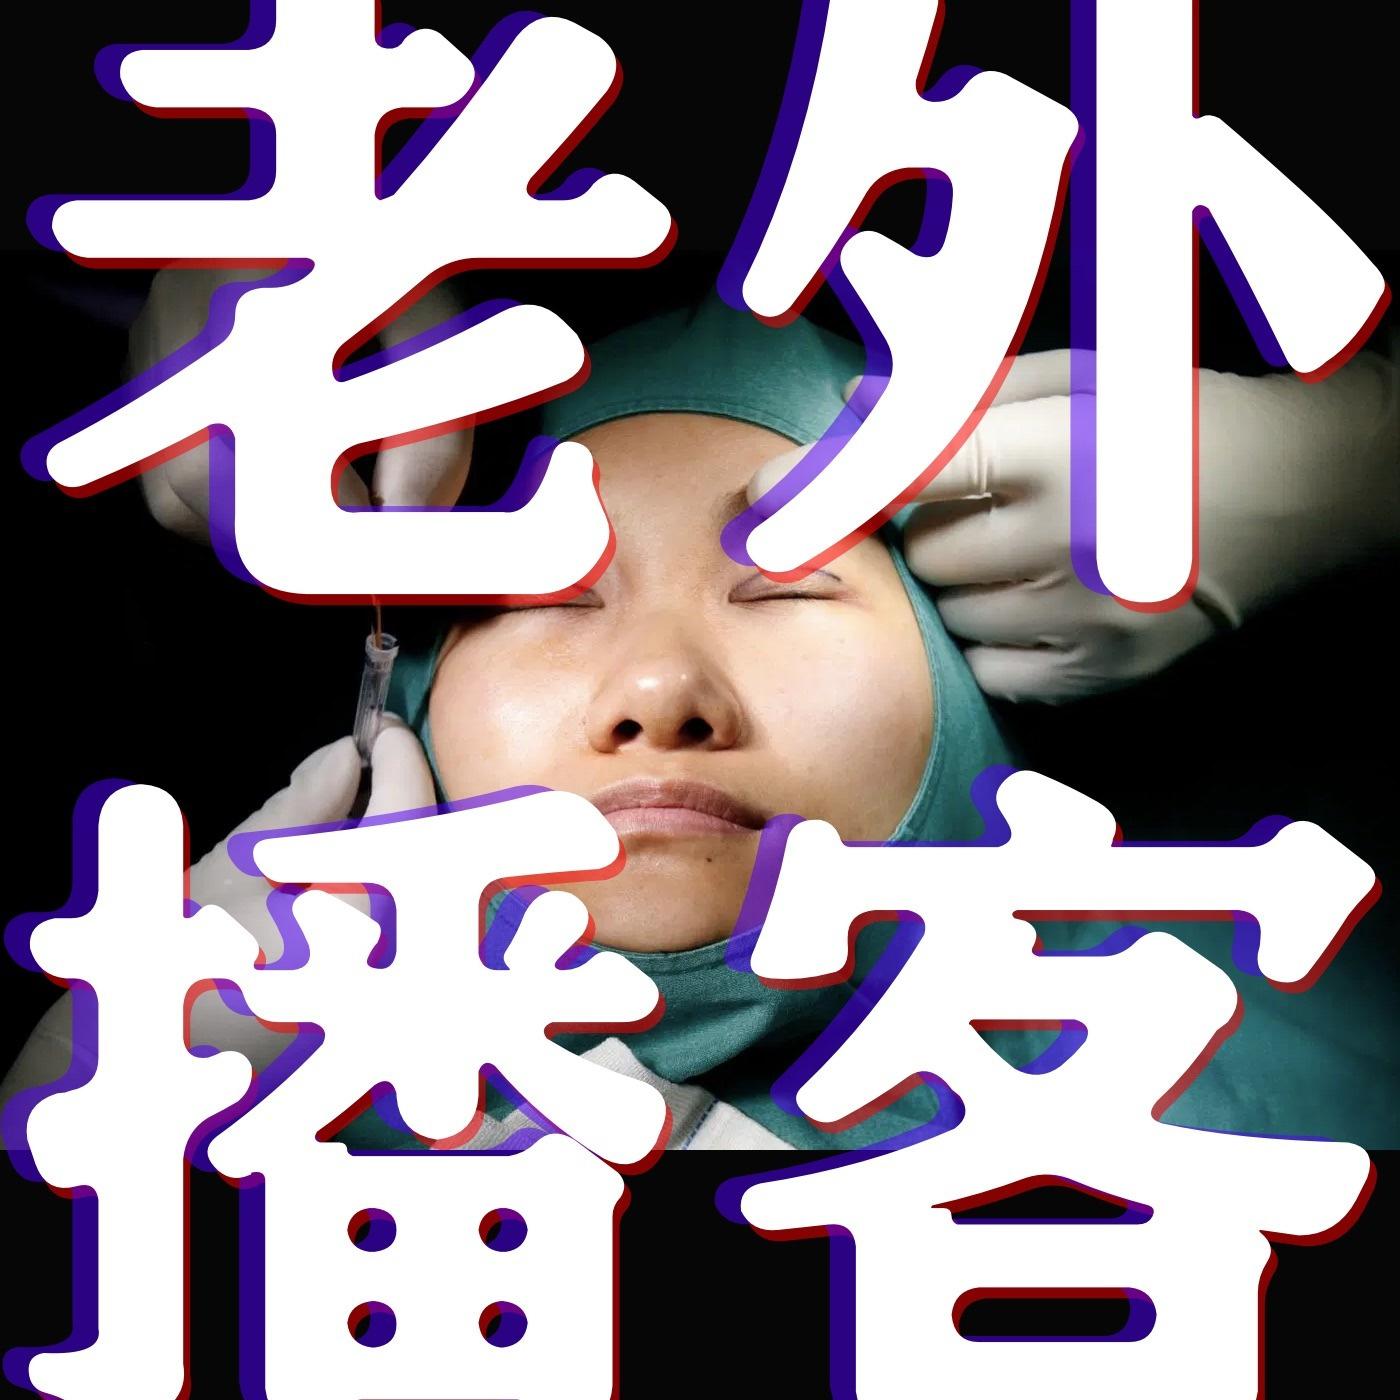 «Неоперированных людей мало». Пластическая хирургия и косметология в Китае